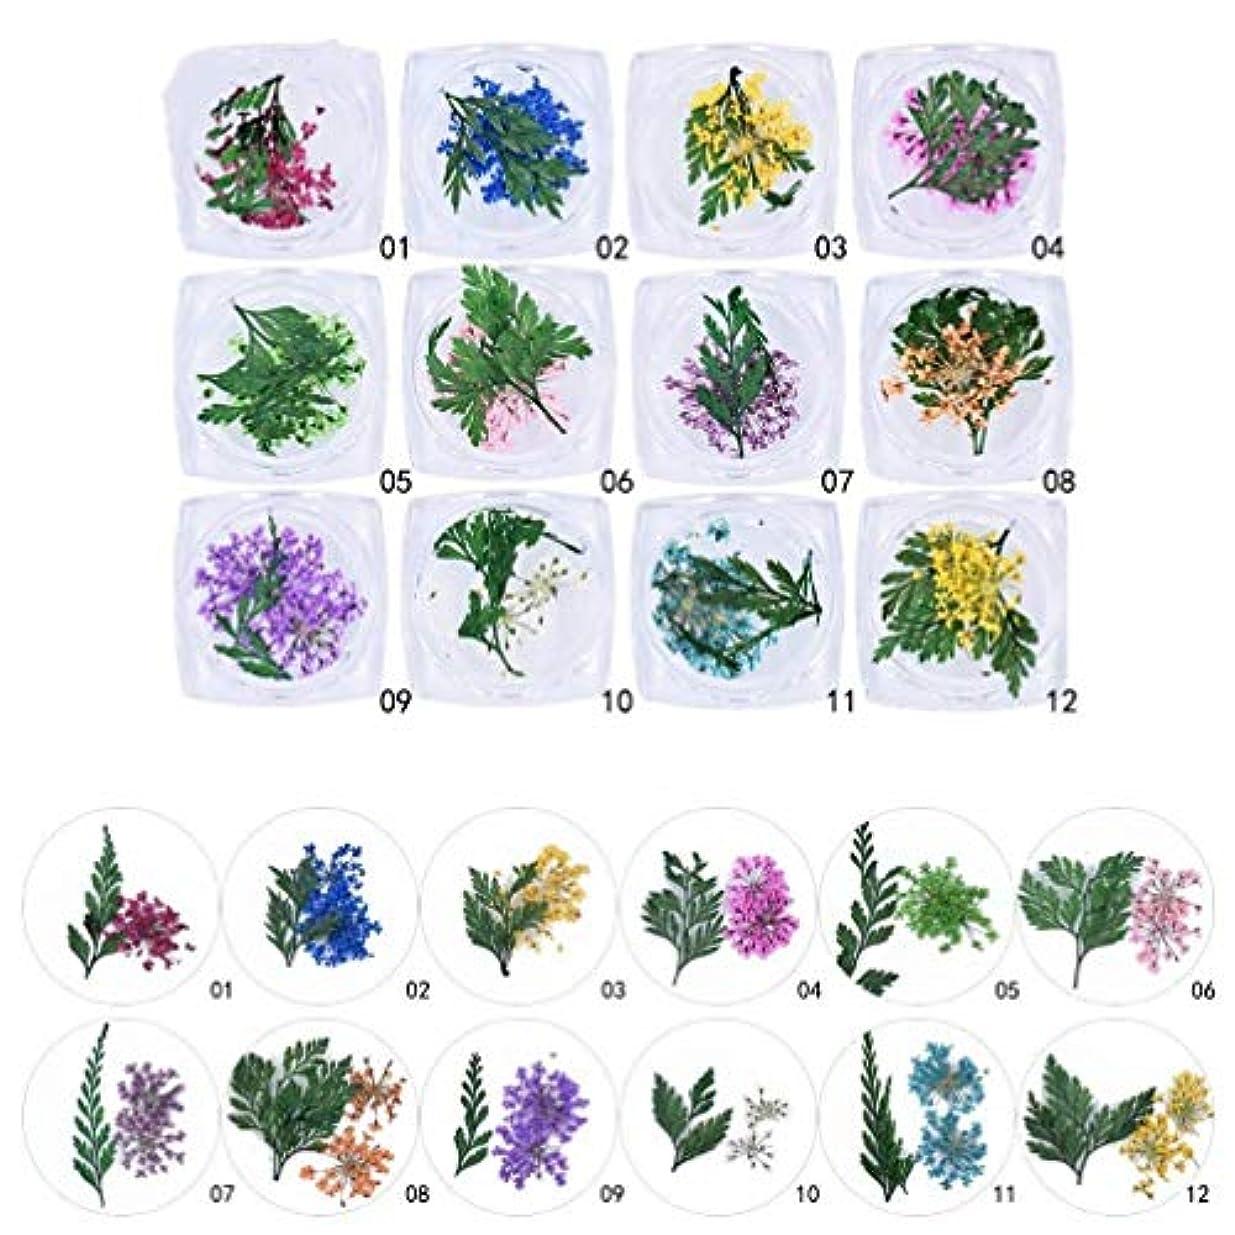 アヒル可愛い構想するFlymylion 押し花 ドライフラワー 葉 ネイル パーツ レジン レジンアートやネイル素材に 専用ケー プロの ス入りアク 素材 DIY ネイルパーツ 12色